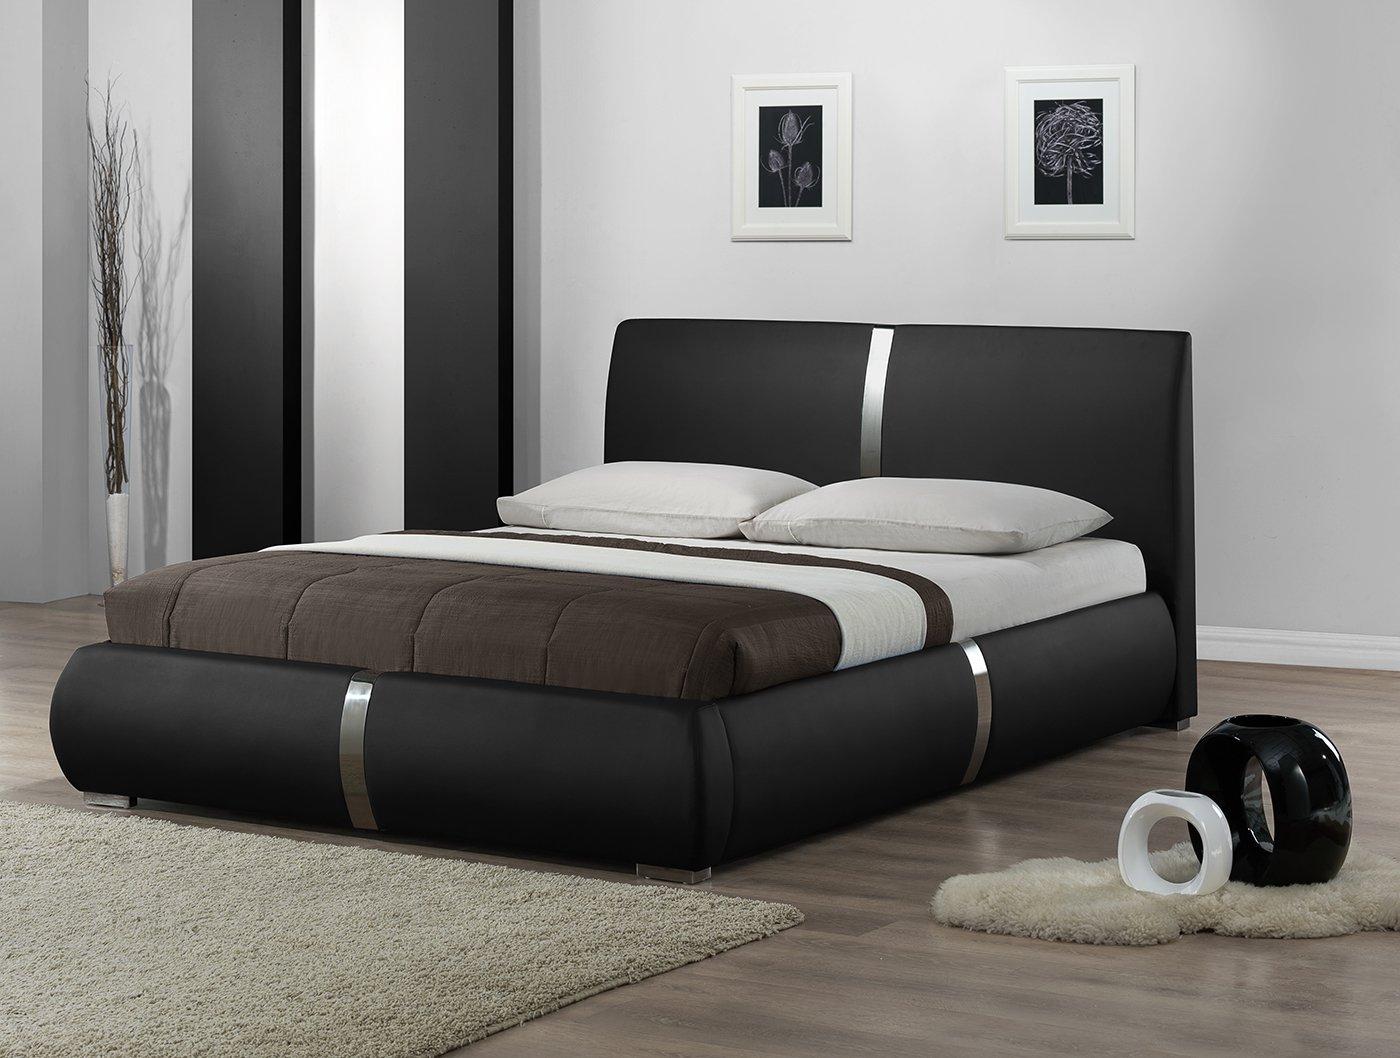 Pieds en m/étal et sommier int/égr/és Design /él/égant Eden Lit Double Noir 160 x 200 Qualit/é Excellium avec t/ête de Lit